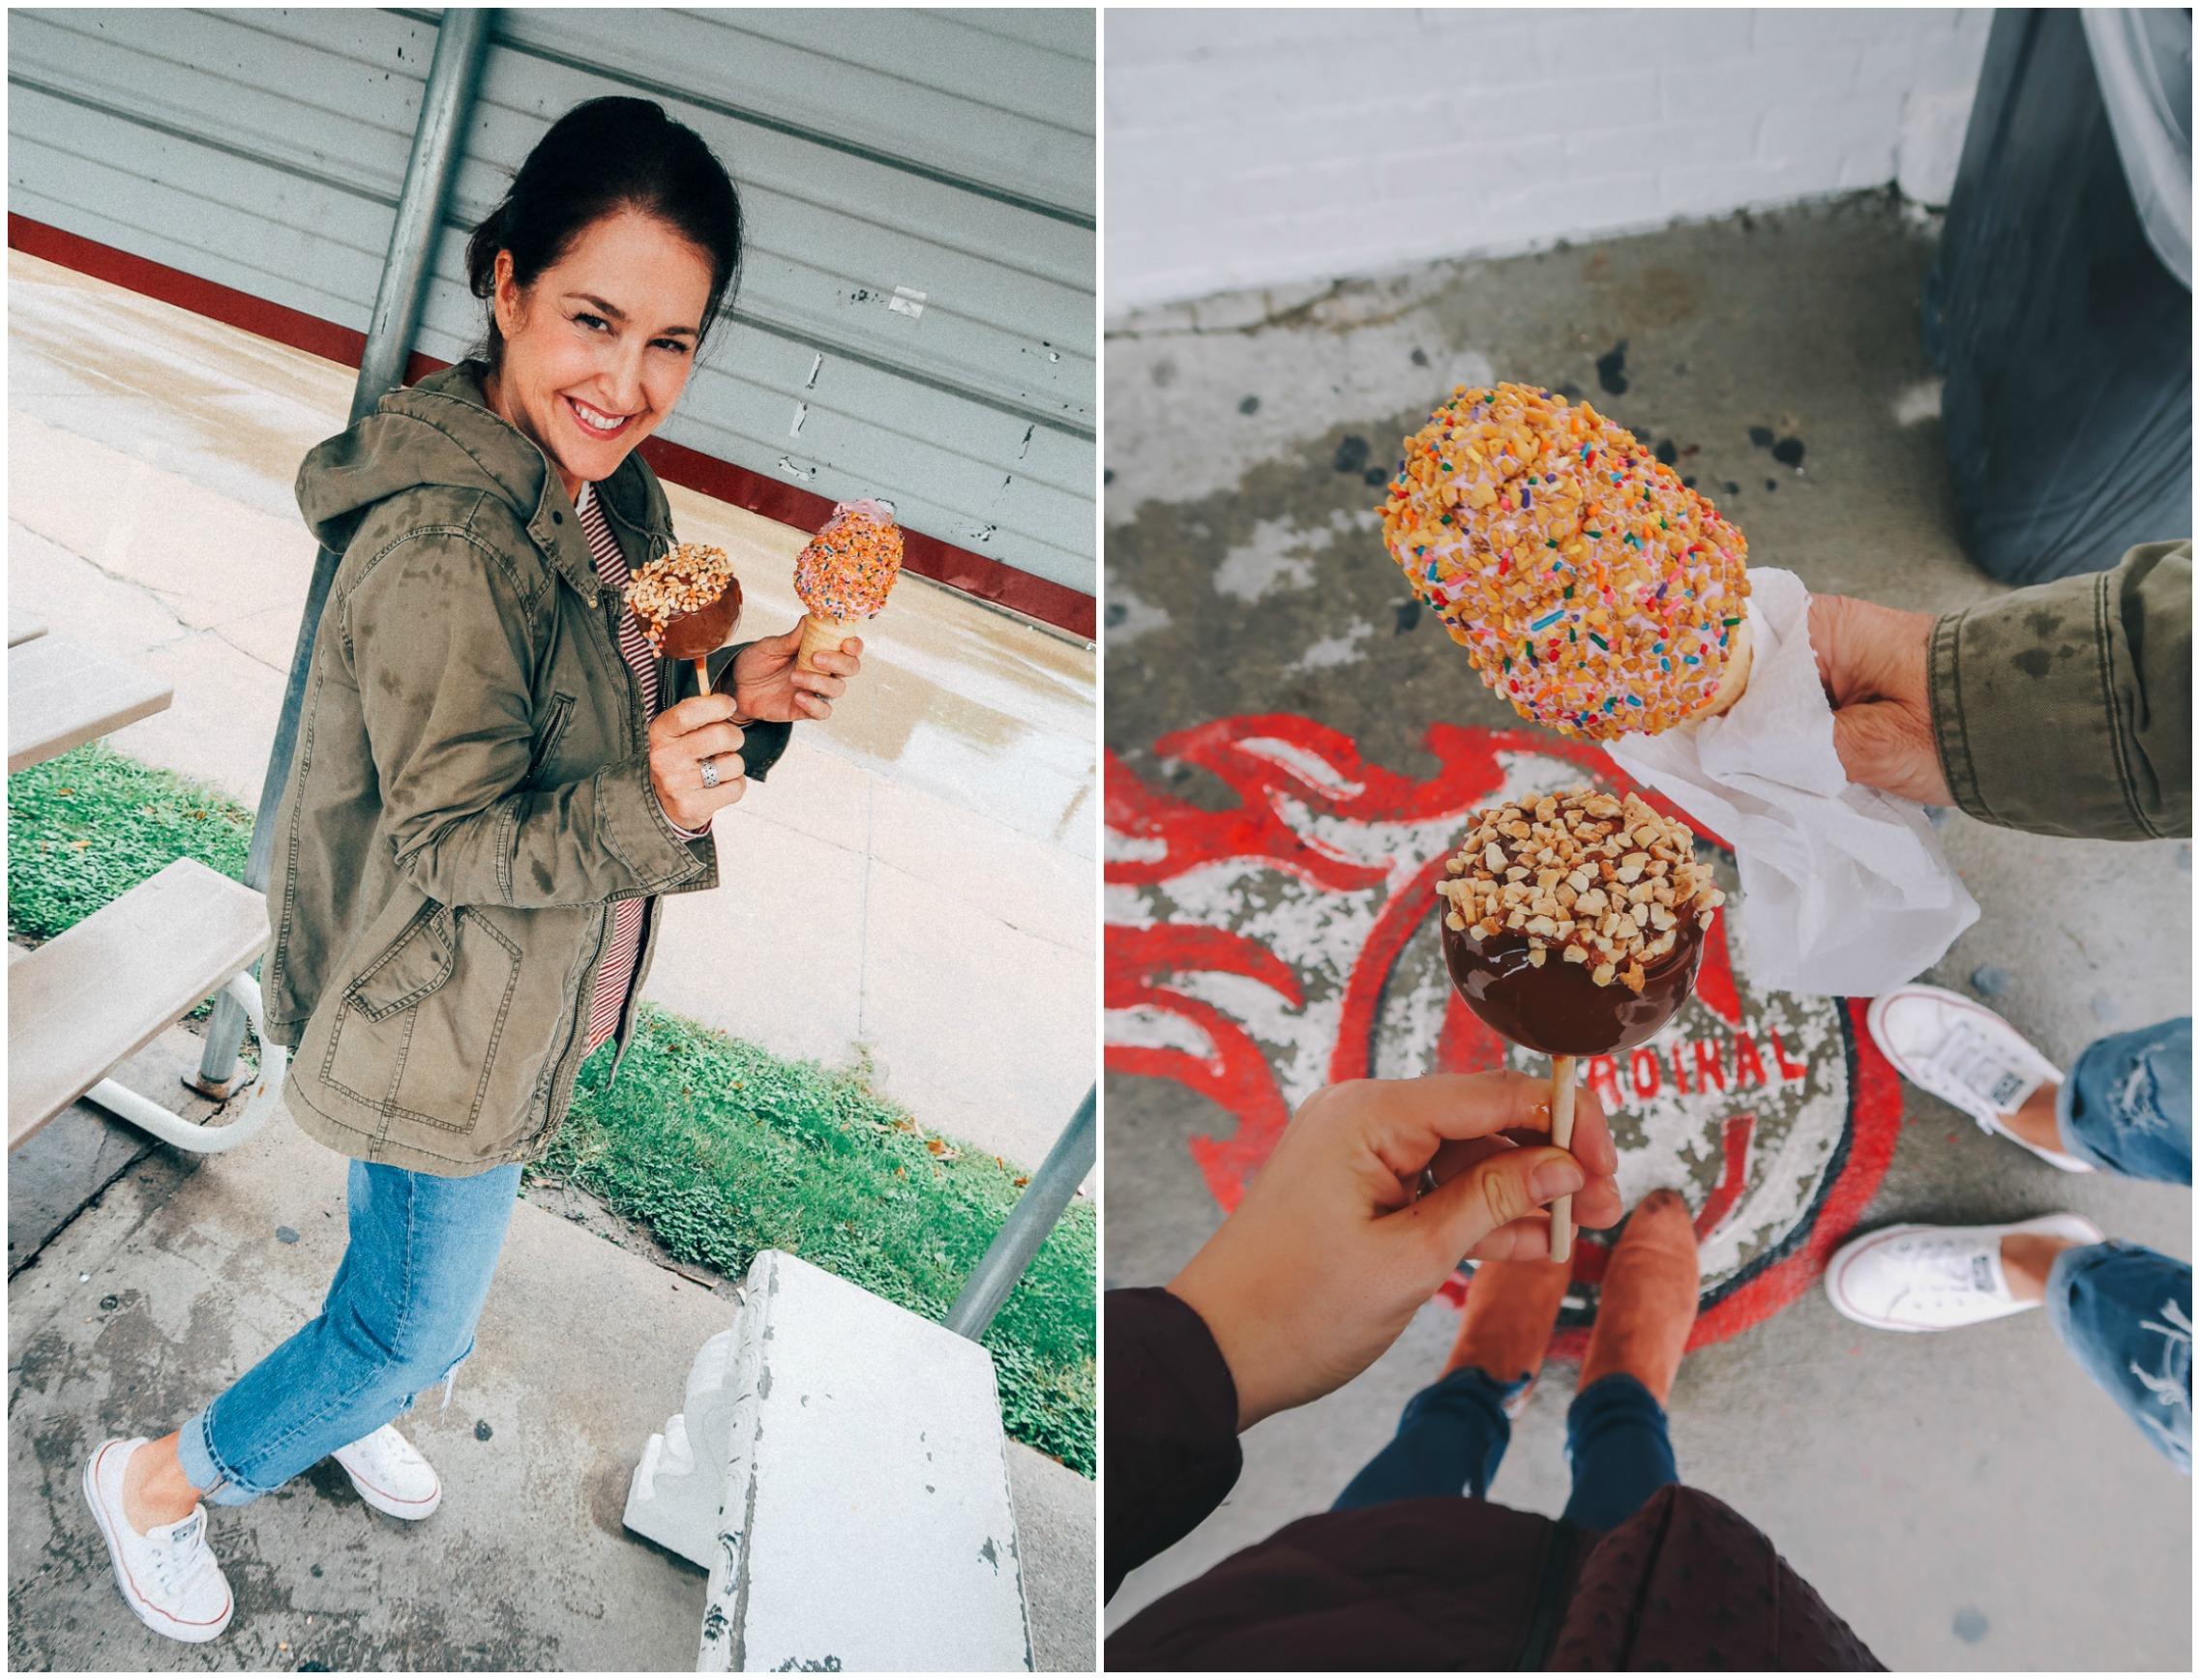 Grahams Ice Cream Creamy Freeze Ottumwa Iowa Crunch Cone